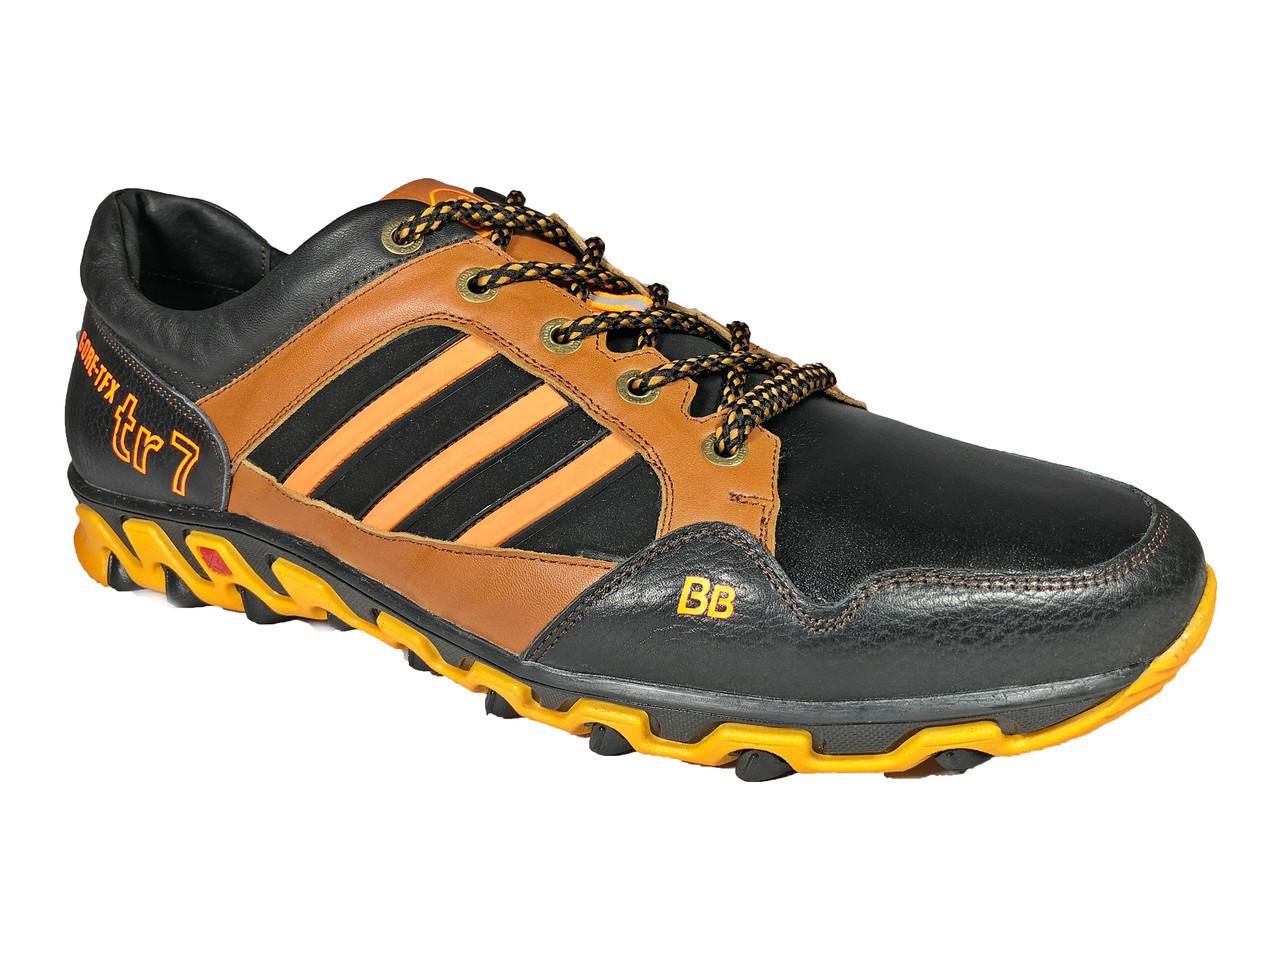 a3a9234a5 Кроссовки мужские 49 размера спортивные модель К-34 орех -  BigBoss-производитель мужской обуви